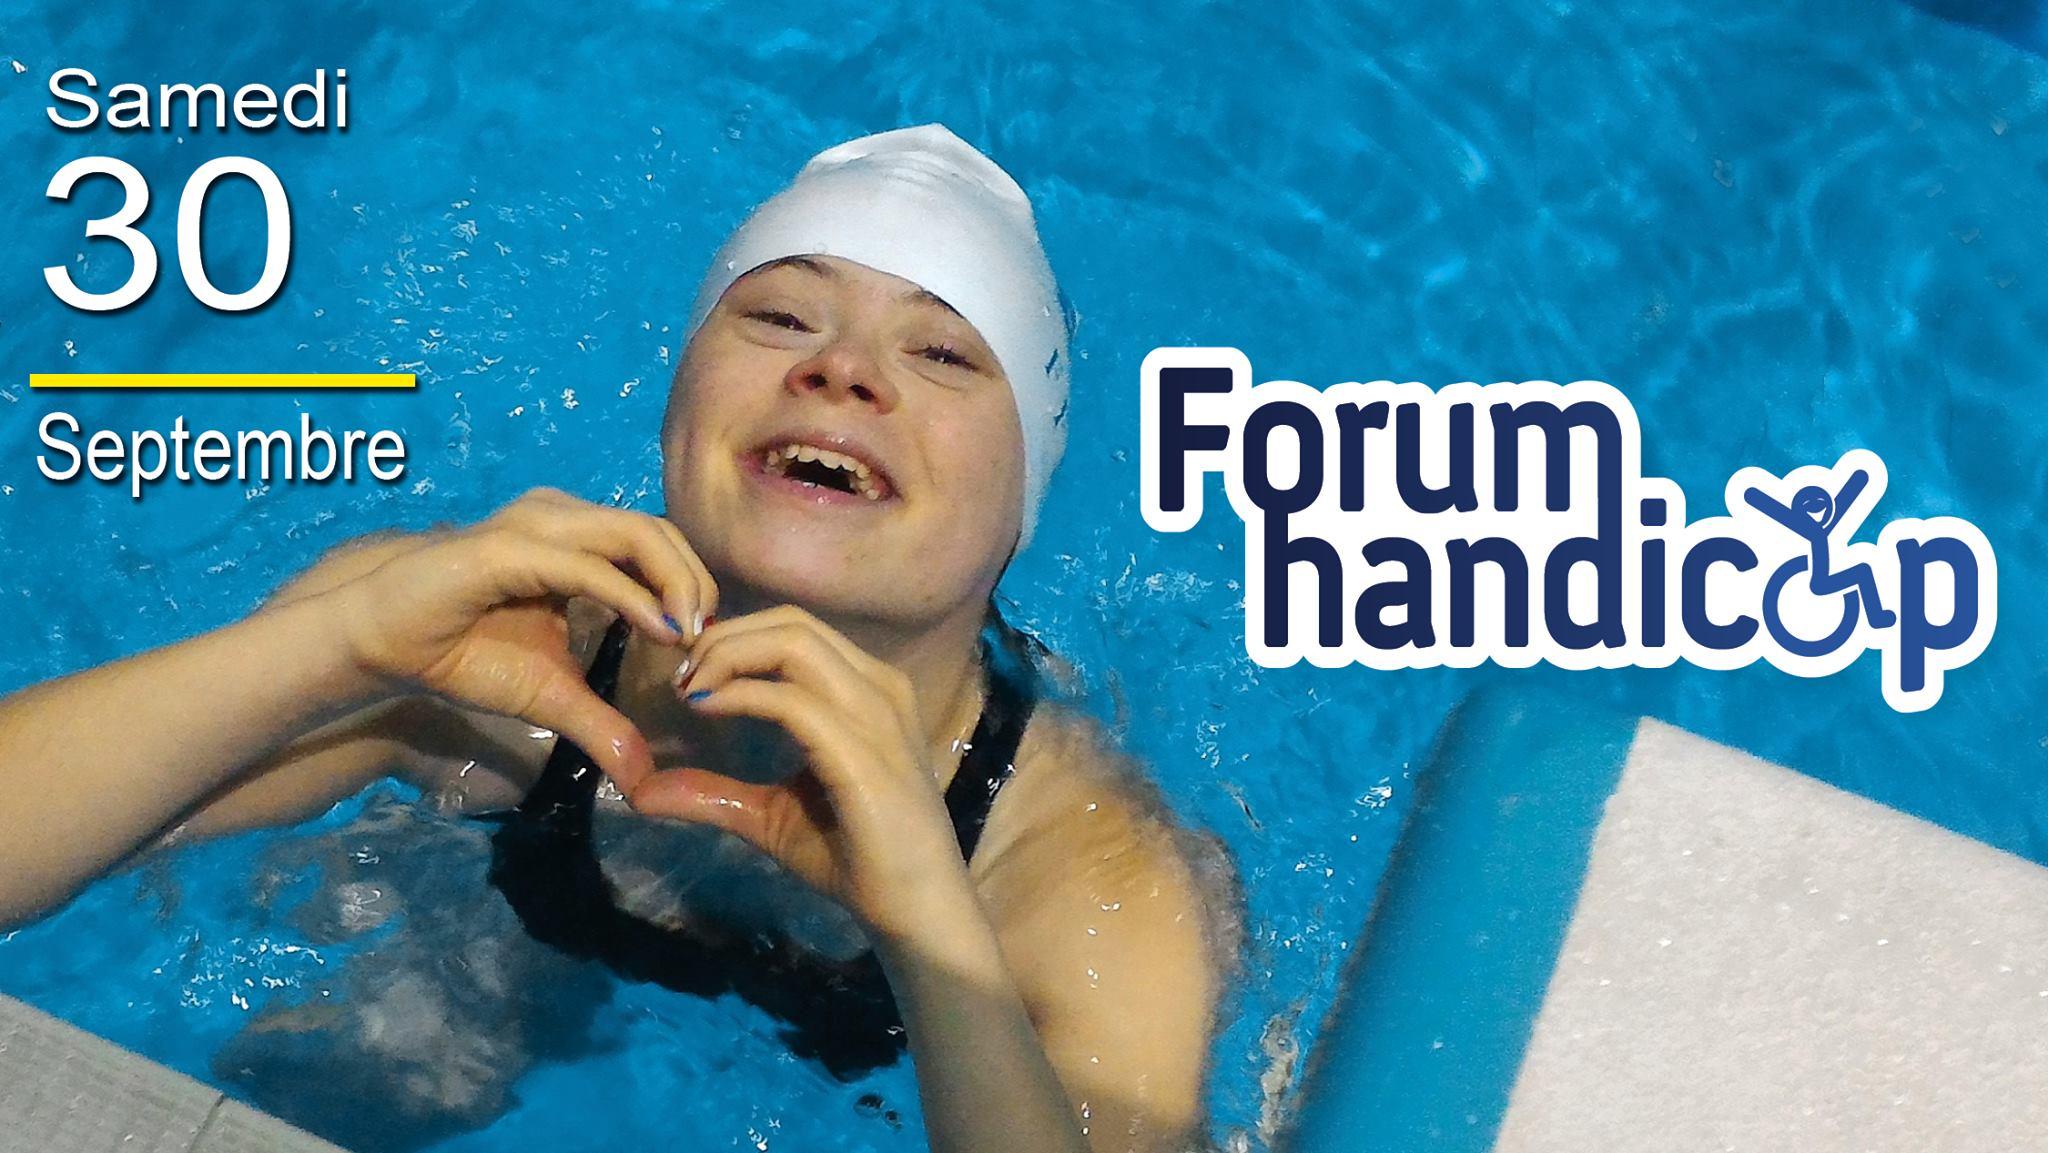 Handicap Forum